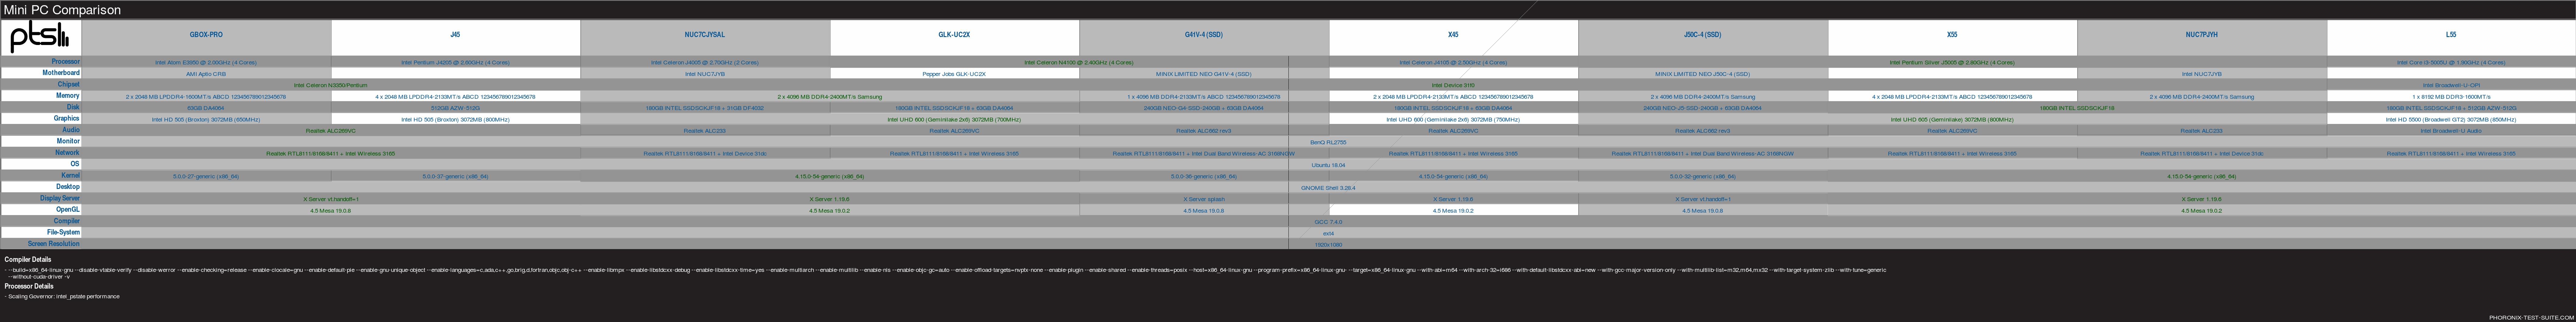 minipc-j45-systems